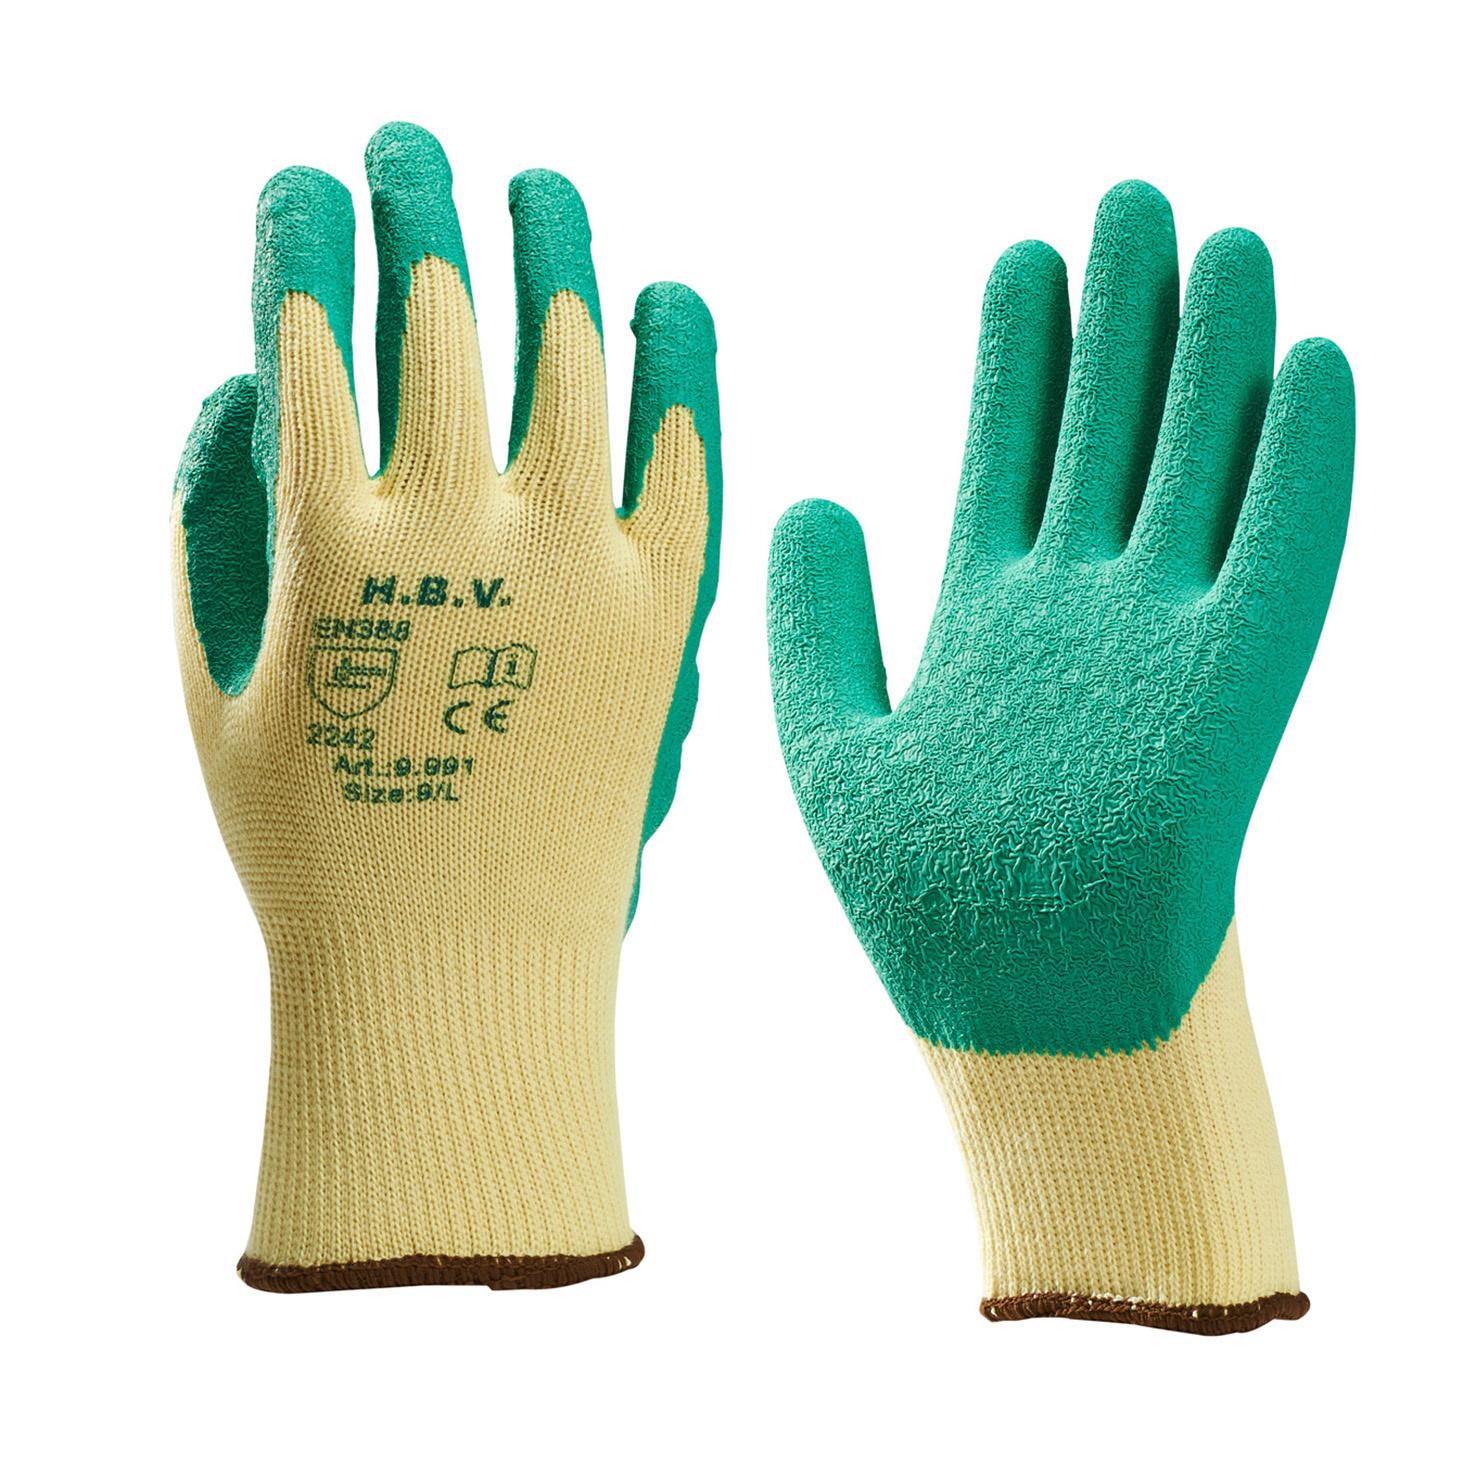 HBV HBV 9.991 Handschoen - latex gecoat - groen / geel